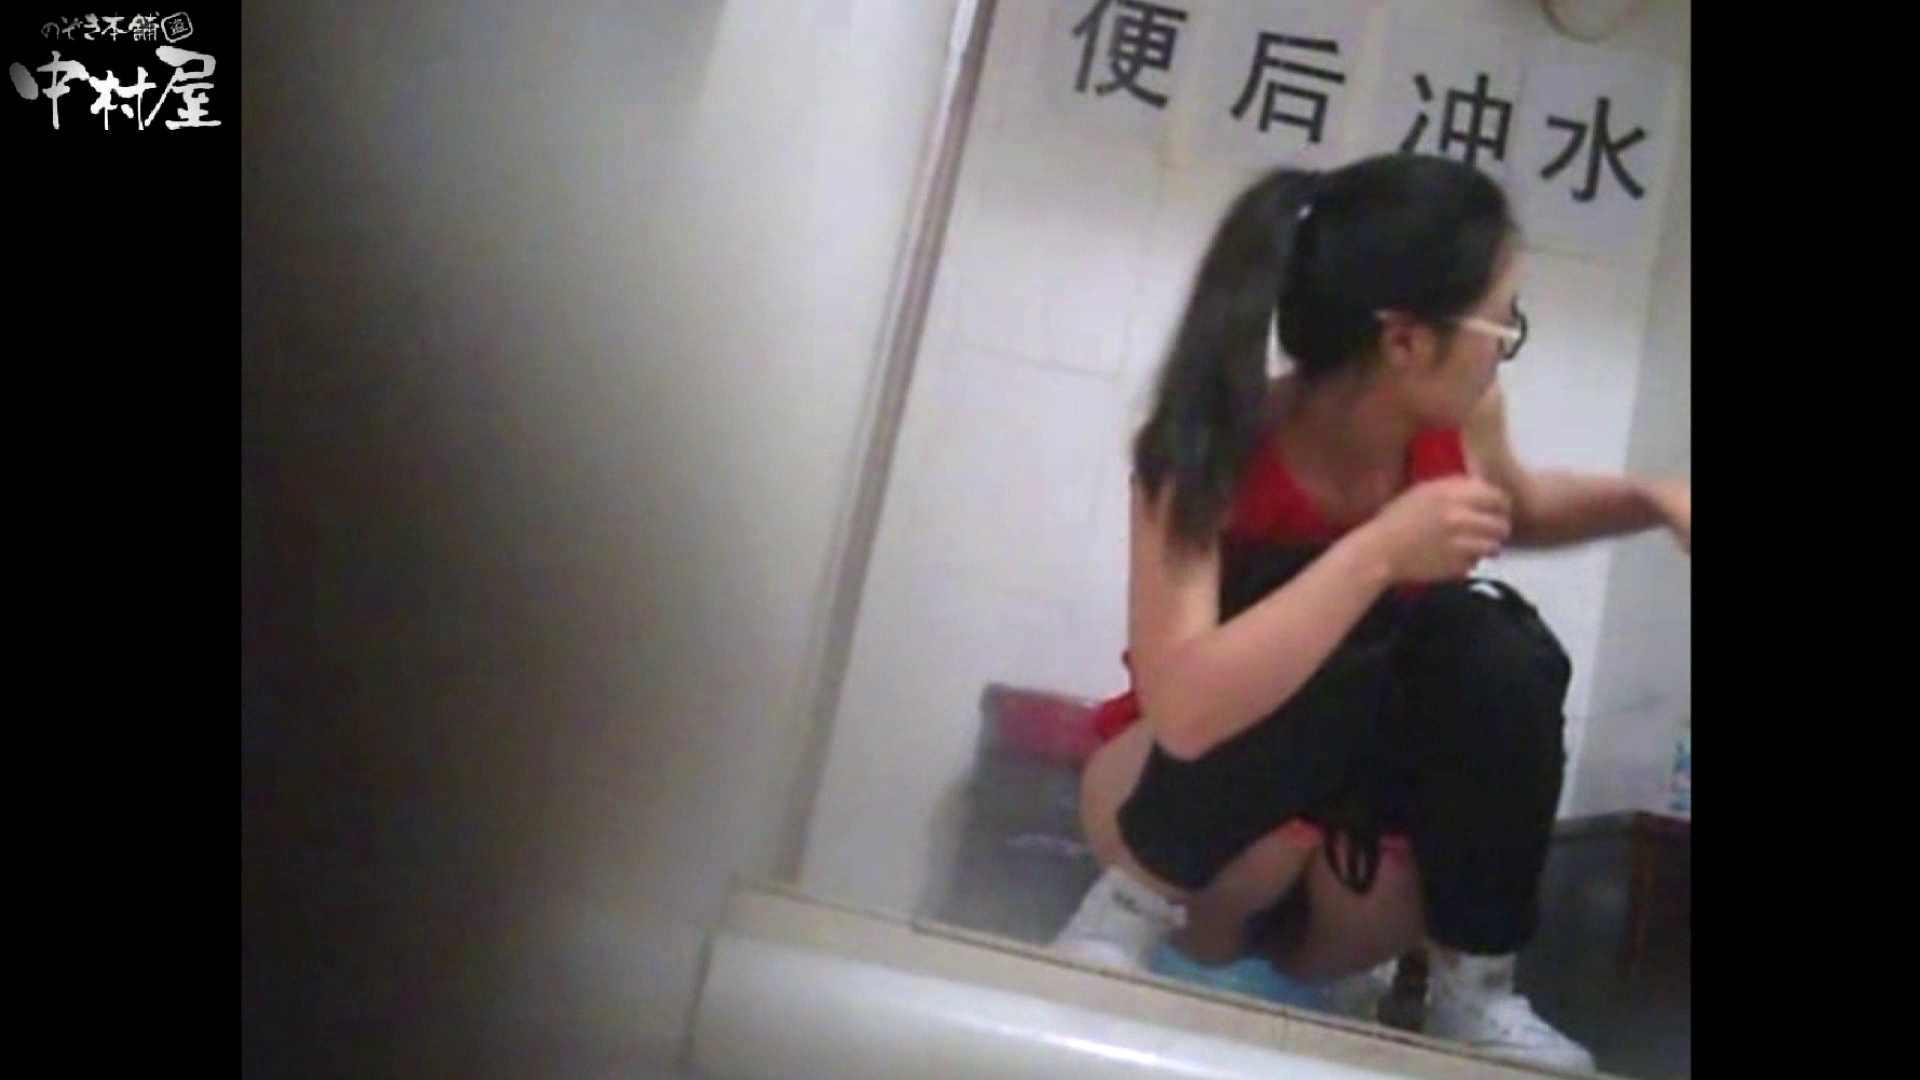 李さんの盗撮日記 Vol.12 盗撮 AV動画キャプチャ 78画像 12